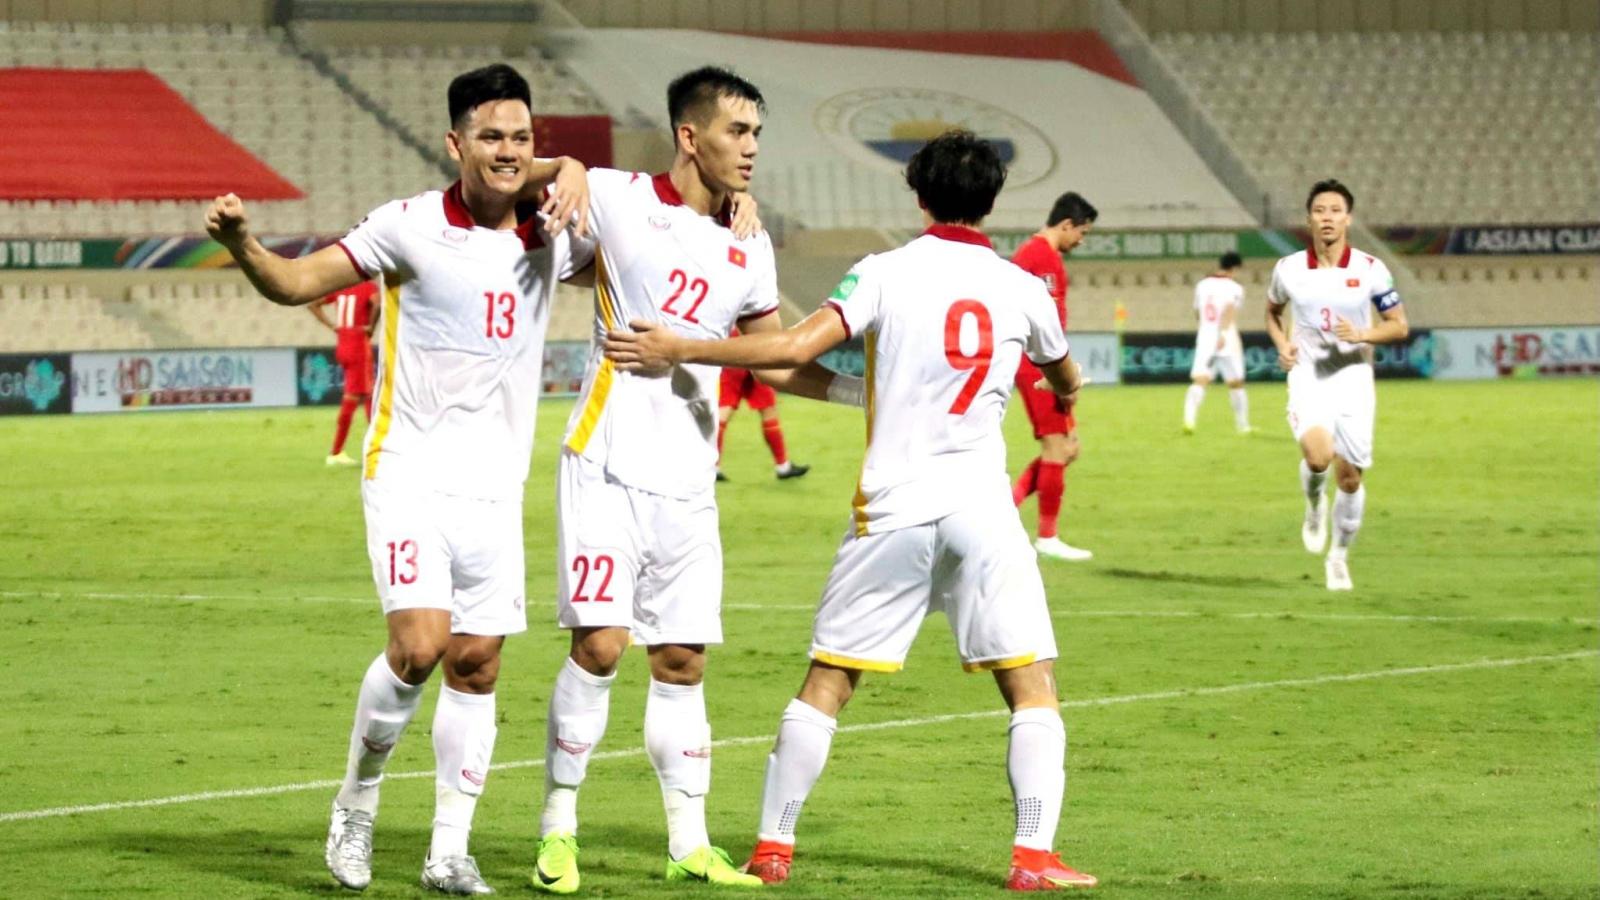 Dàn sao ĐT Việt Nam quên đi thất bại trước ĐT Trung Quốc, hướng đến trận gặp Oman